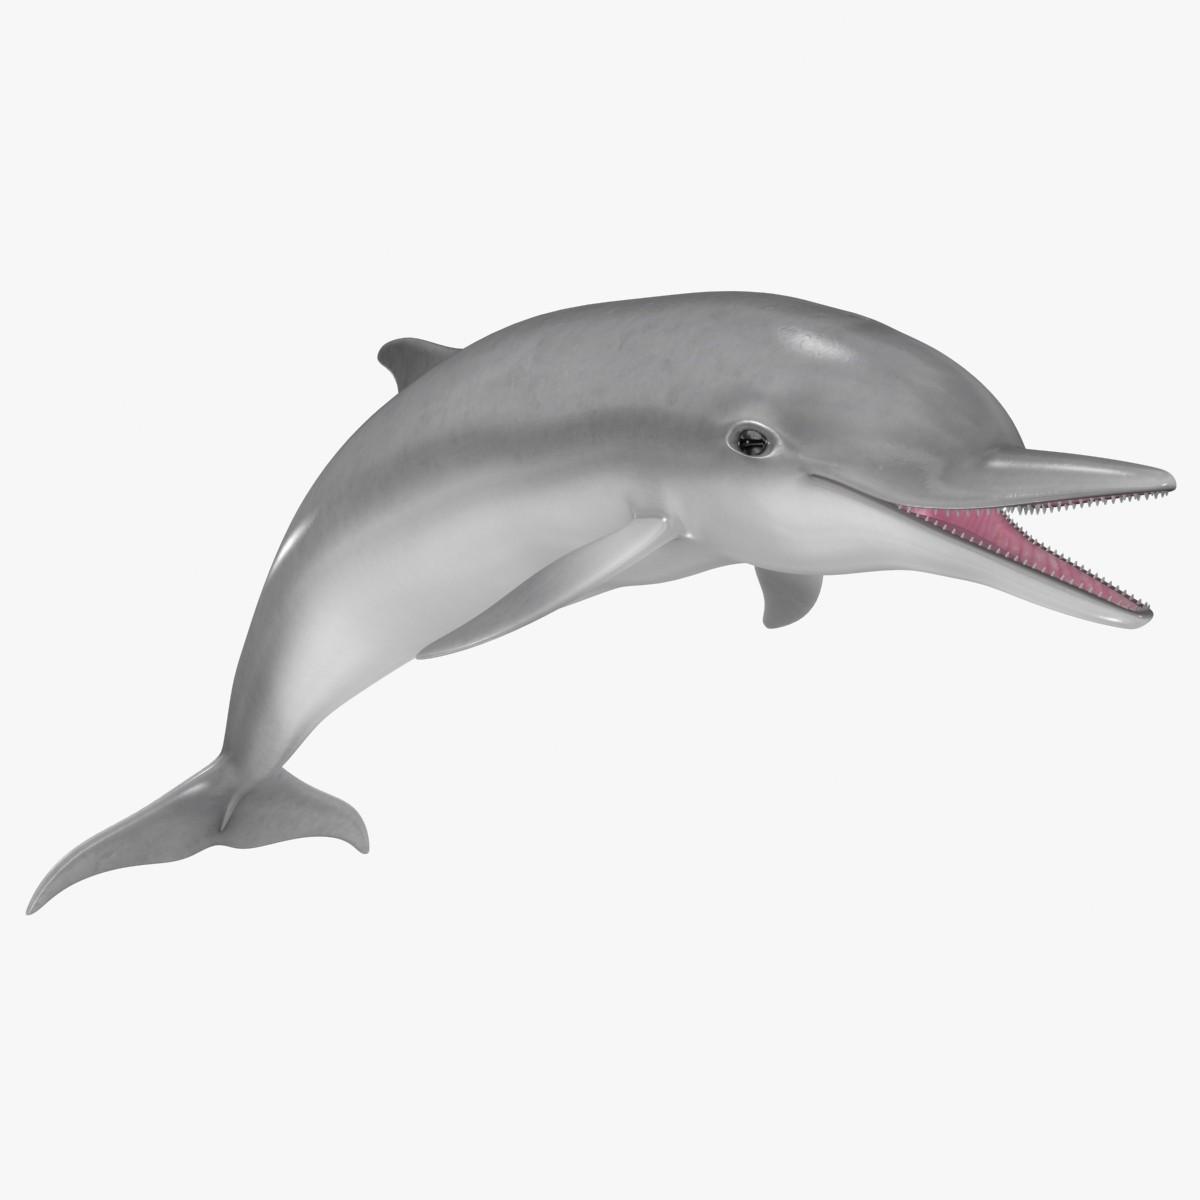 Dolphin 3D Models | TurboSquid com - Cliparts co